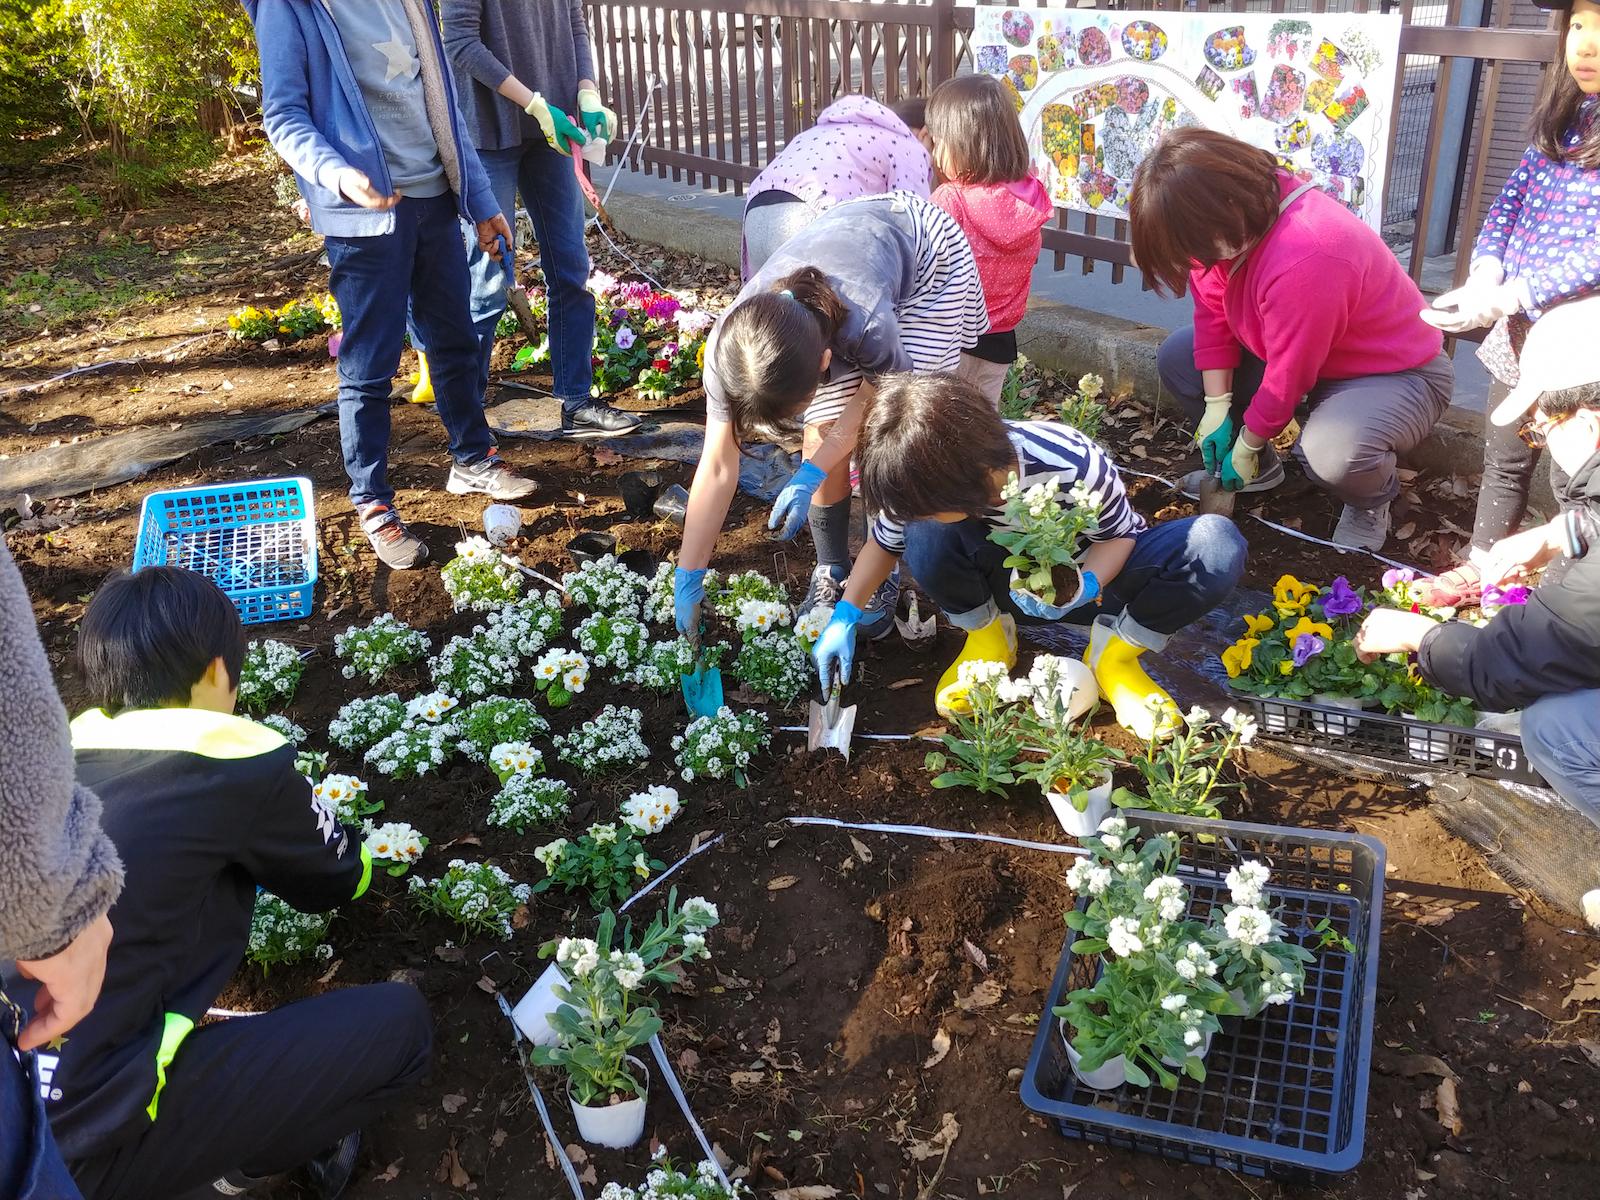 第二回の花壇ワークショップでは、デザインに沿って植物の植え替えが行われた。